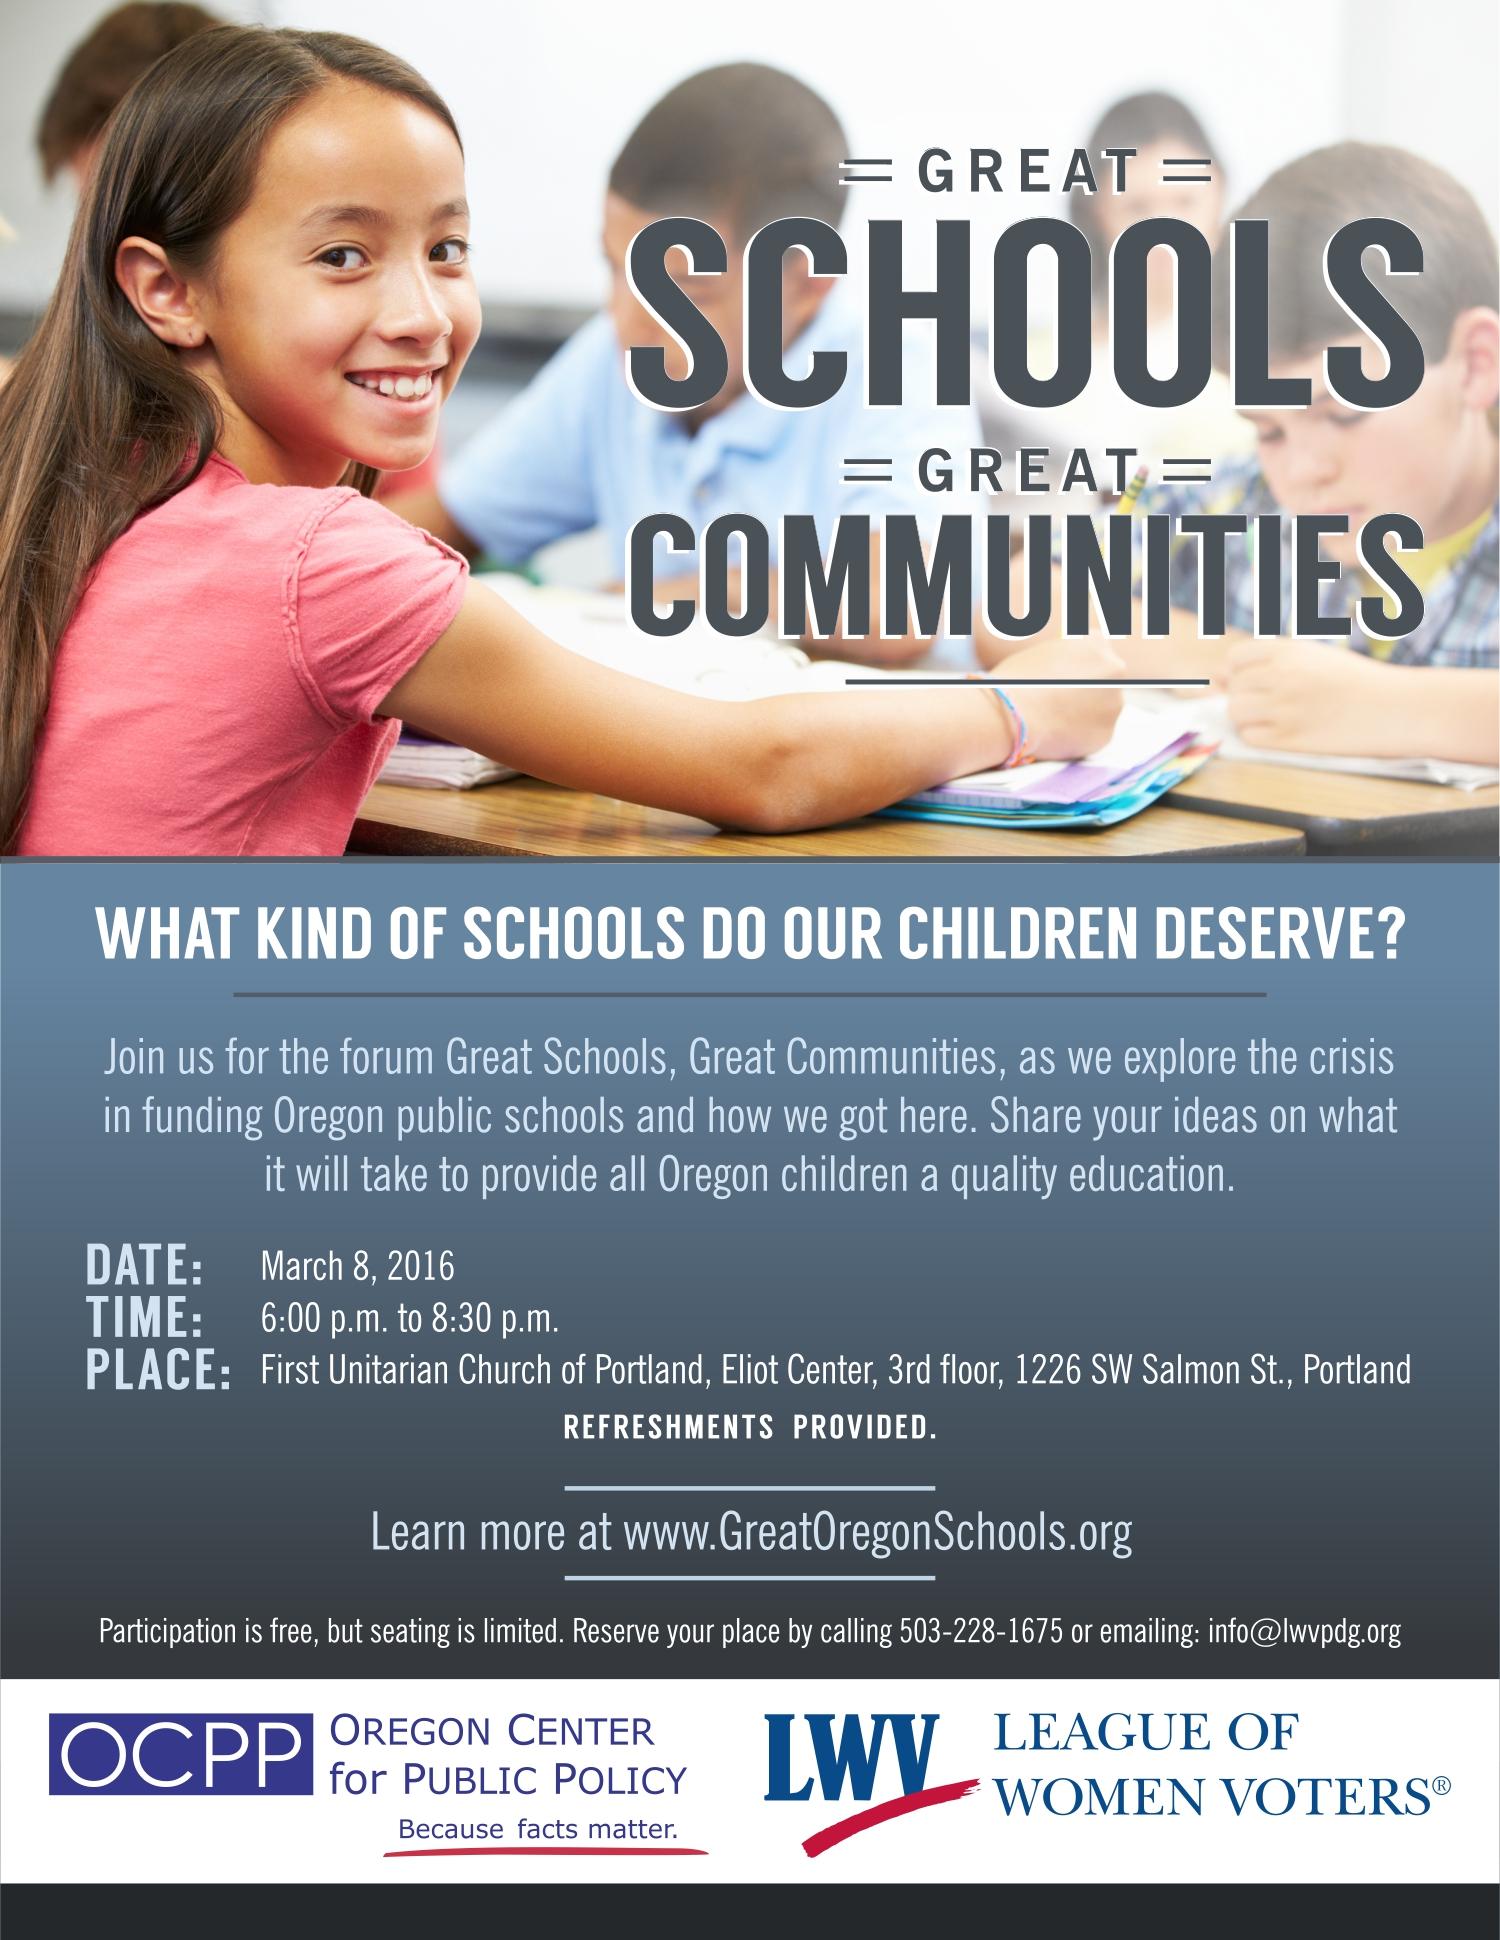 OCPPGreatSchoolsGreatCommunities.jpg